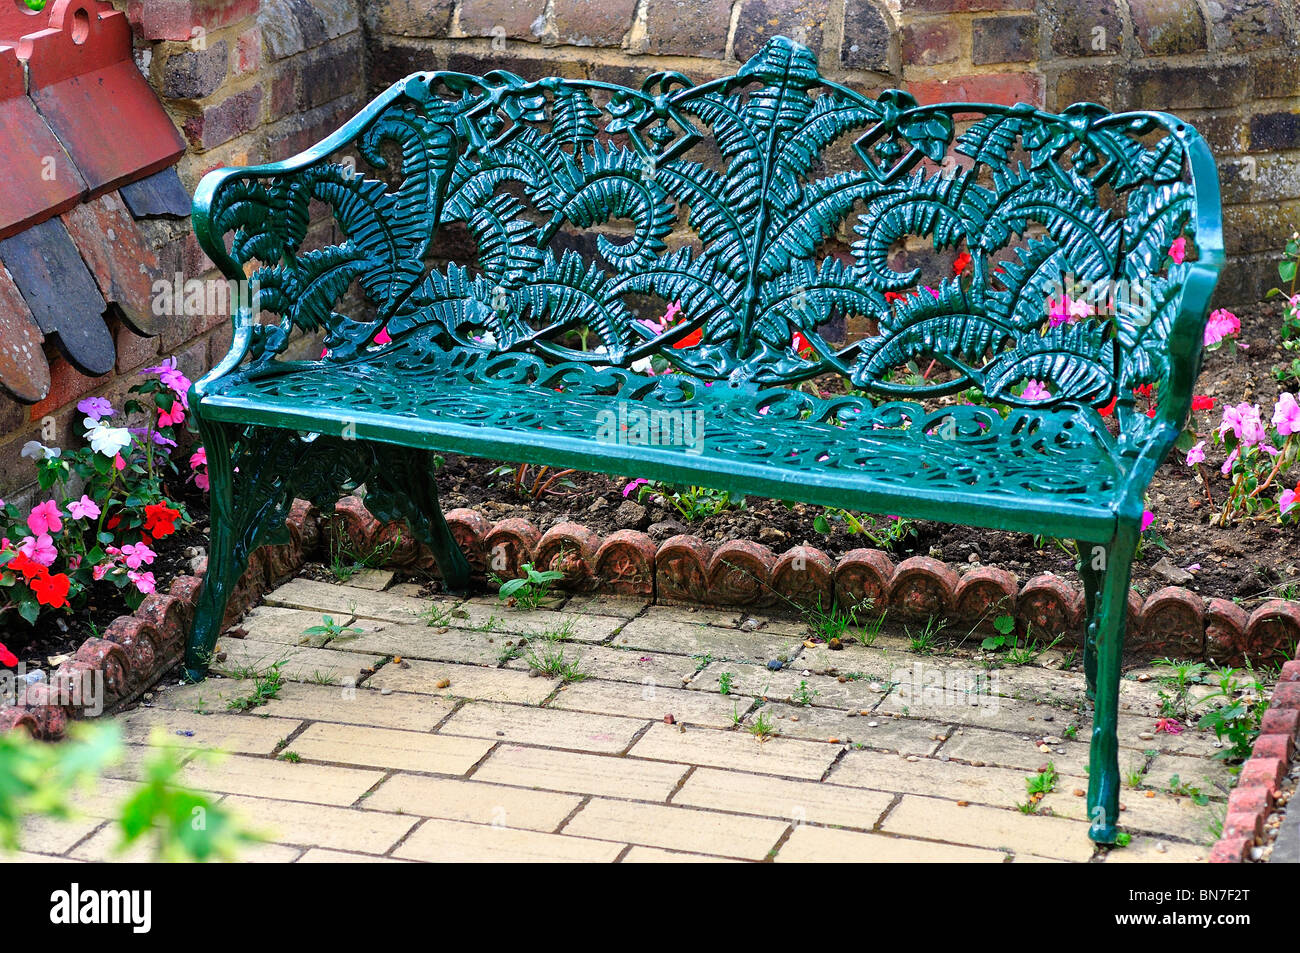 Panchine Da Giardino In Ghisa : Ghisa panchina da giardino foto immagine stock  alamy